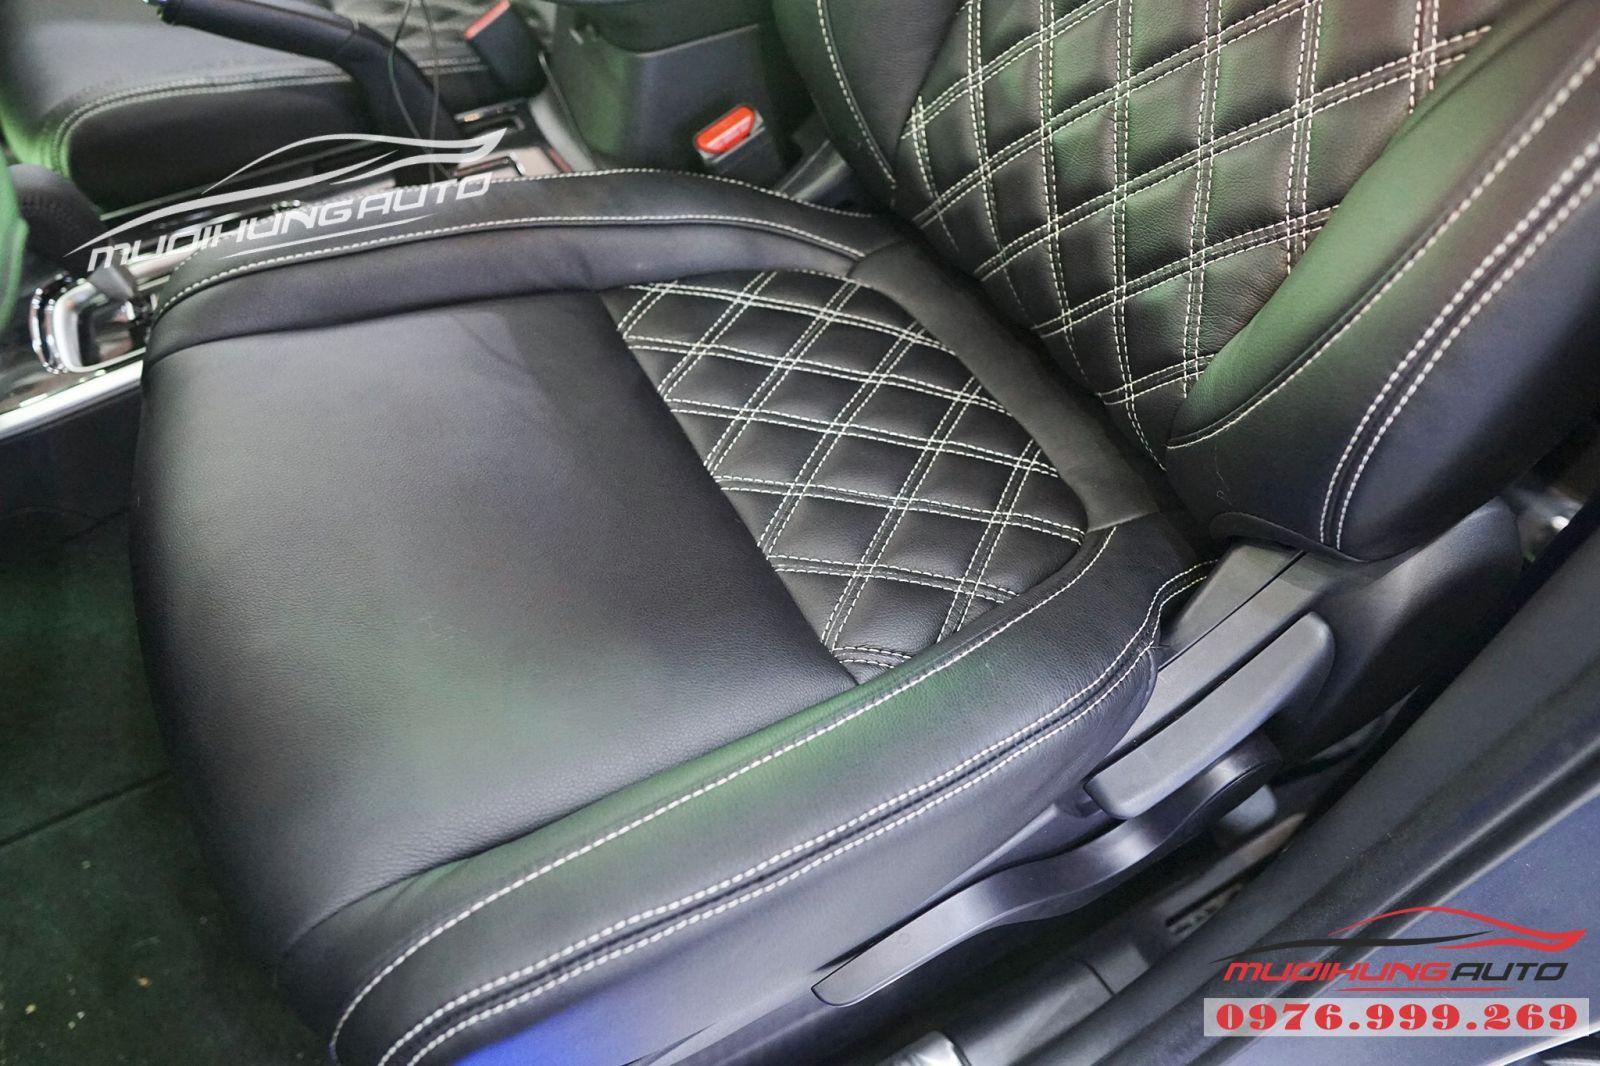 Mitsubishi Outlander bọc ghế cao cấp giá rẻ tại TPHCM 03